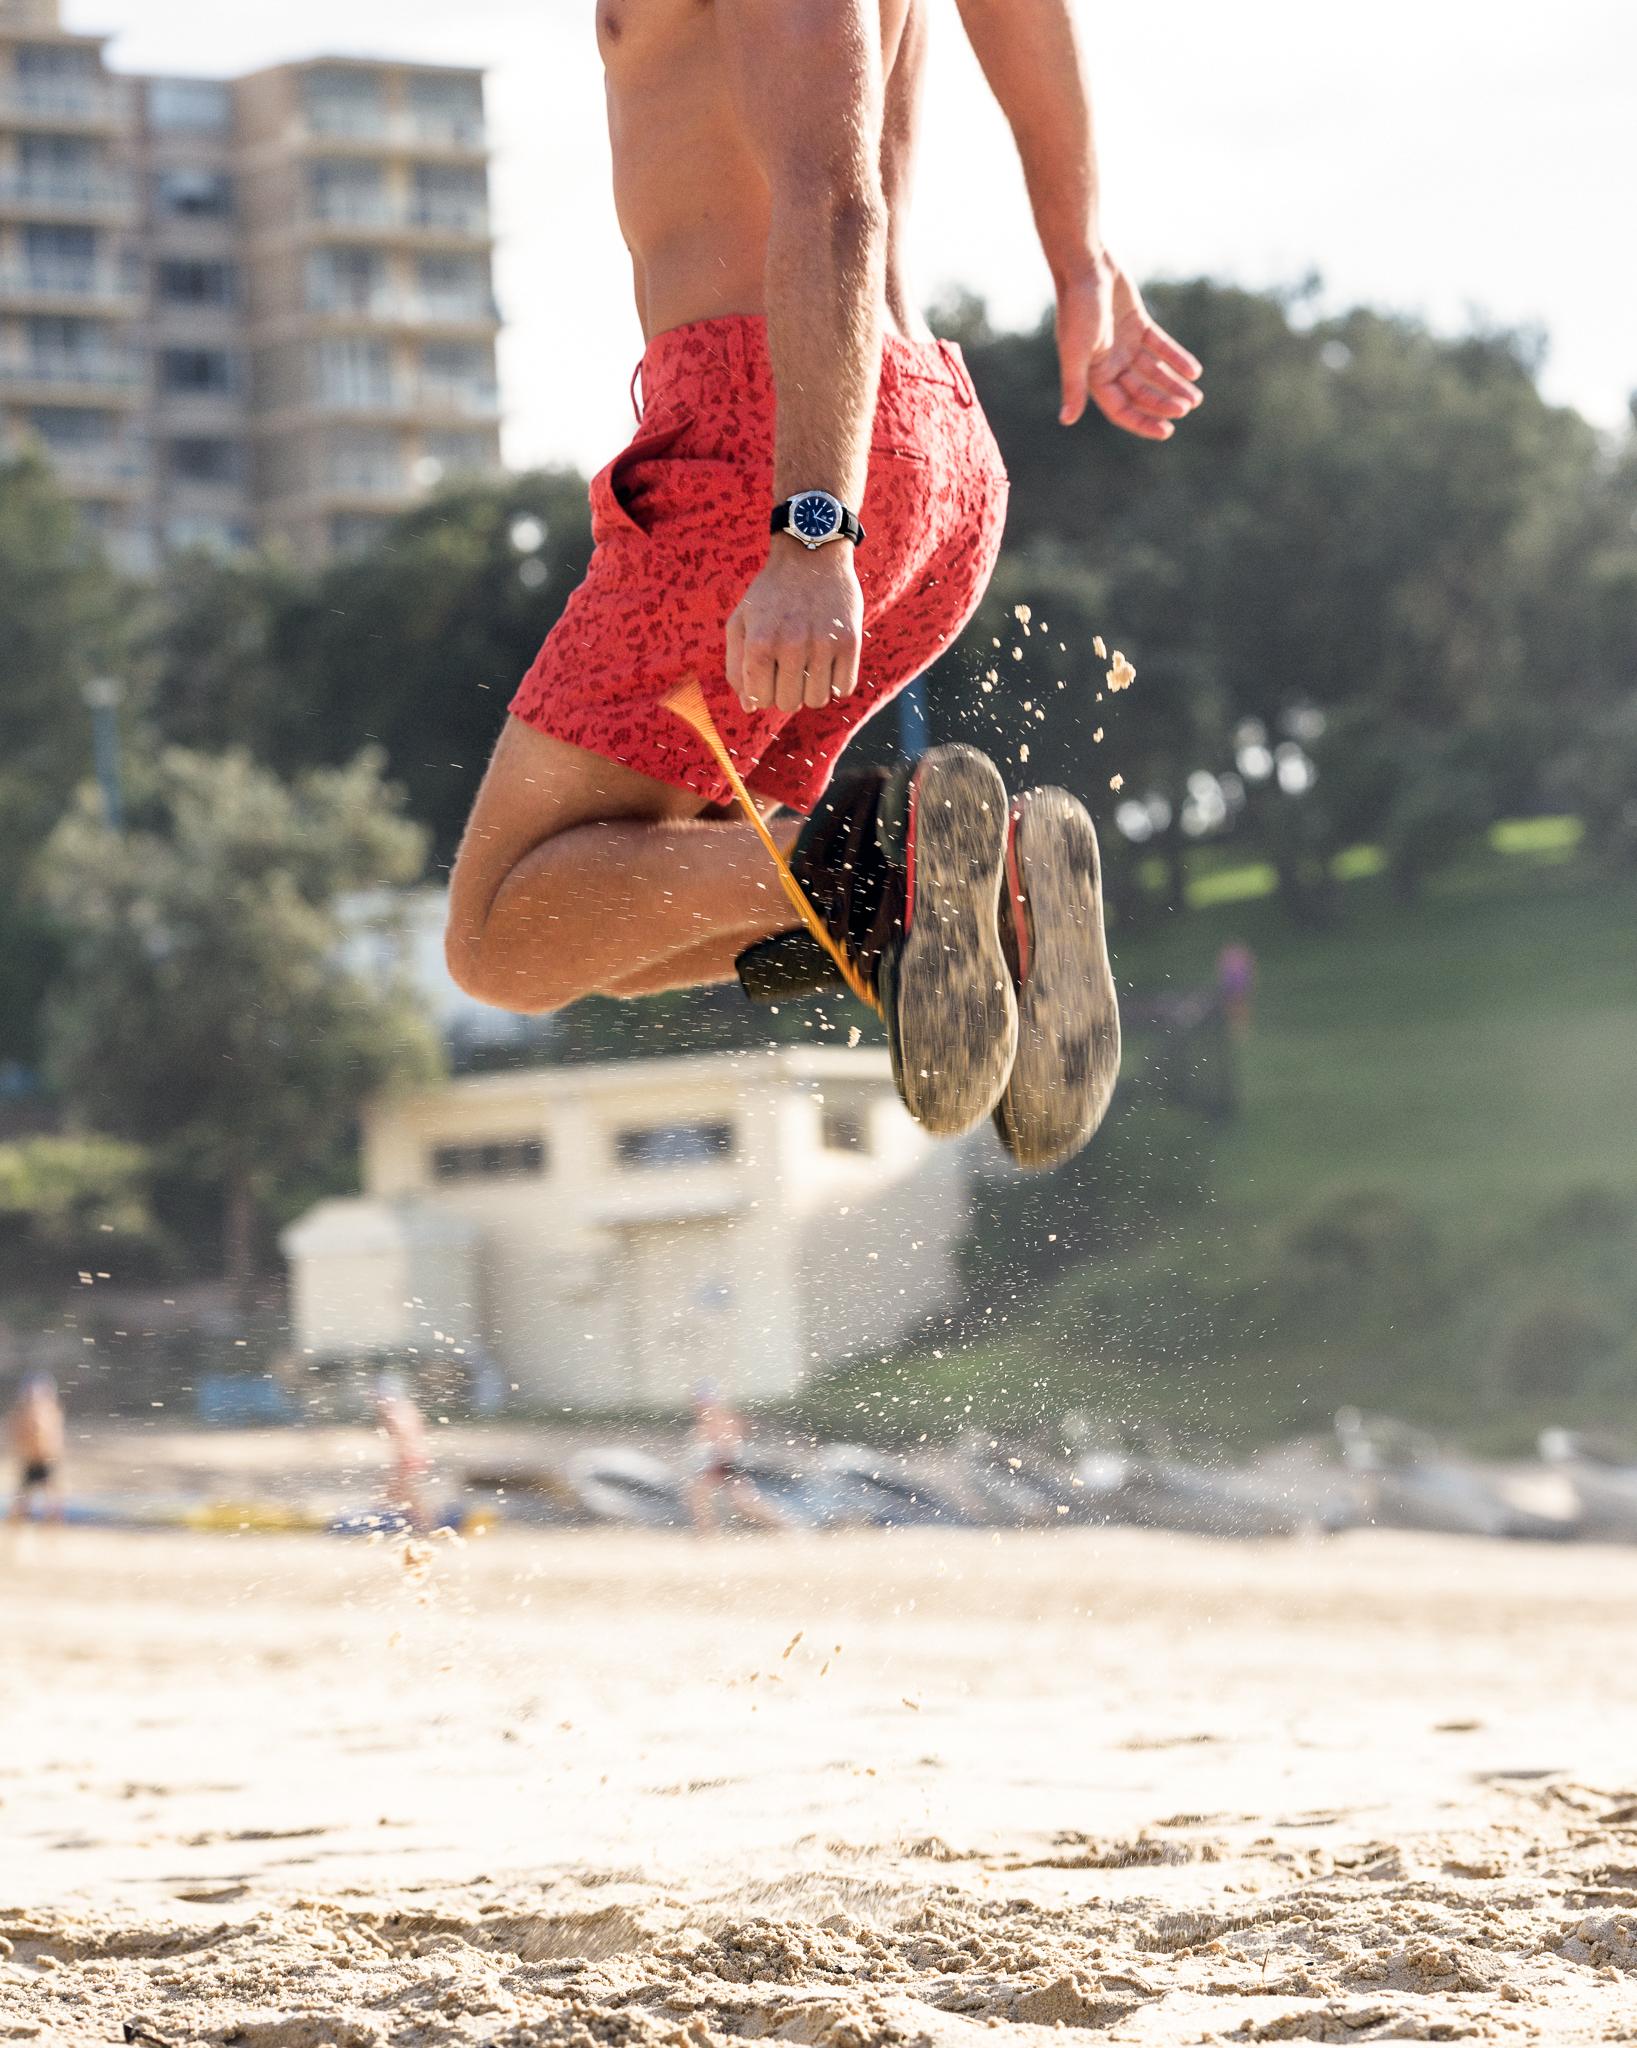 Photo by Dave Blake Photographer - daveblake.com.au